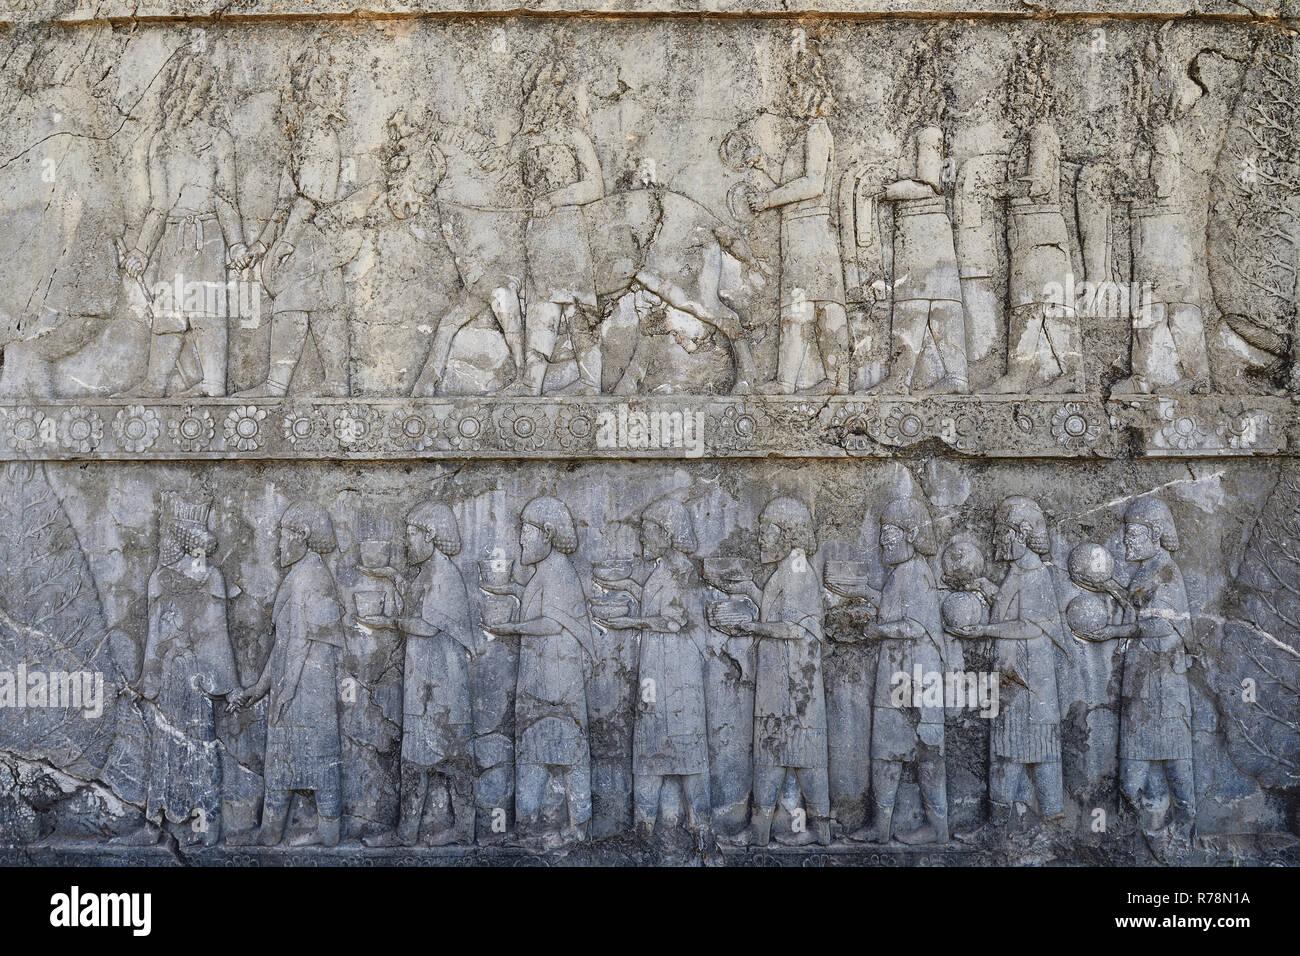 Irán, los bellísimos relieves en las ruinas de la antigua Persépolis, Complejo de civilización del Oriente Próximo con la arquitectura persa Foto de stock